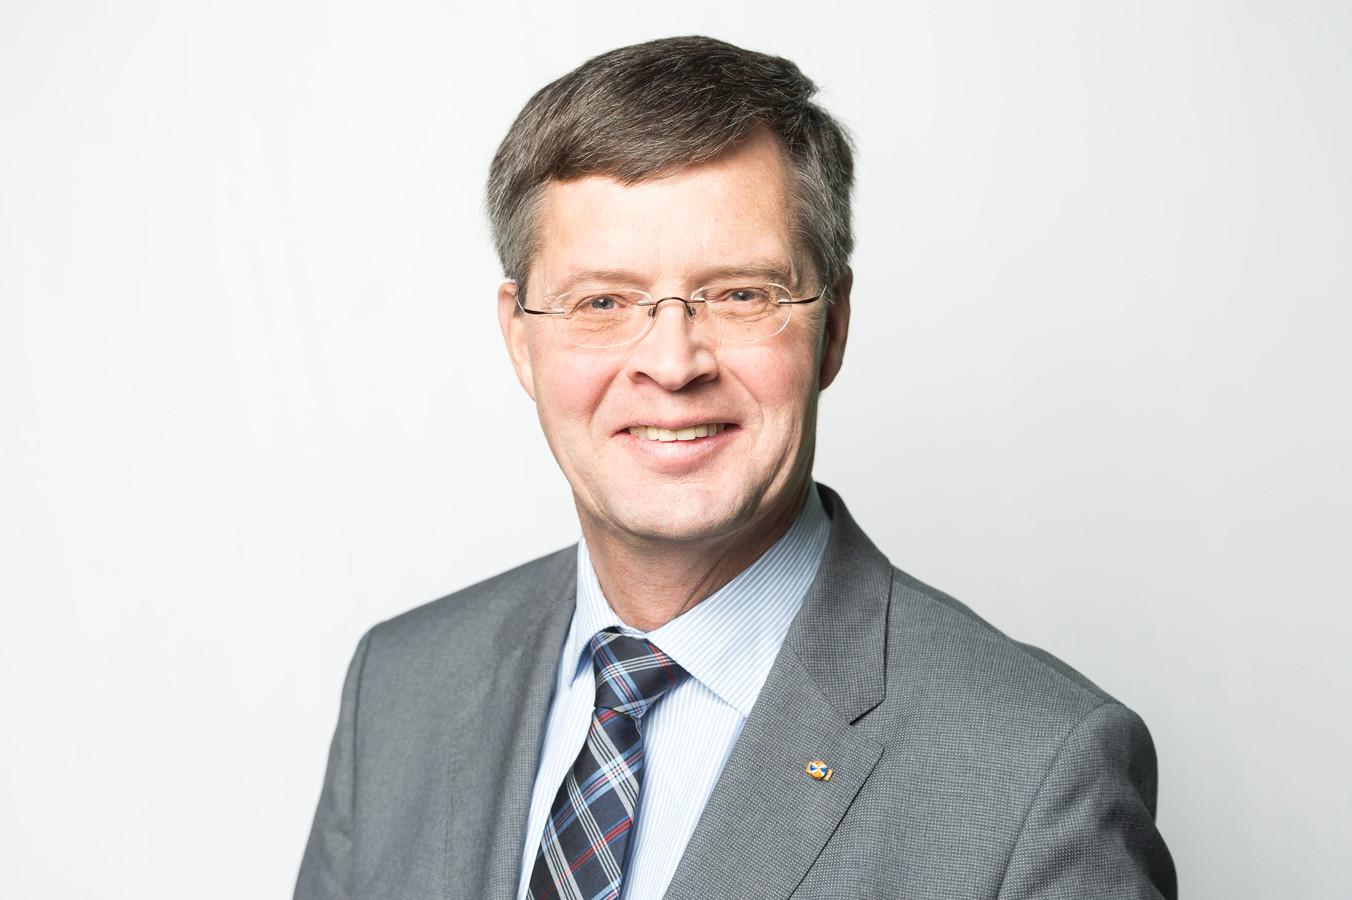 Jan Peter Balkenende.